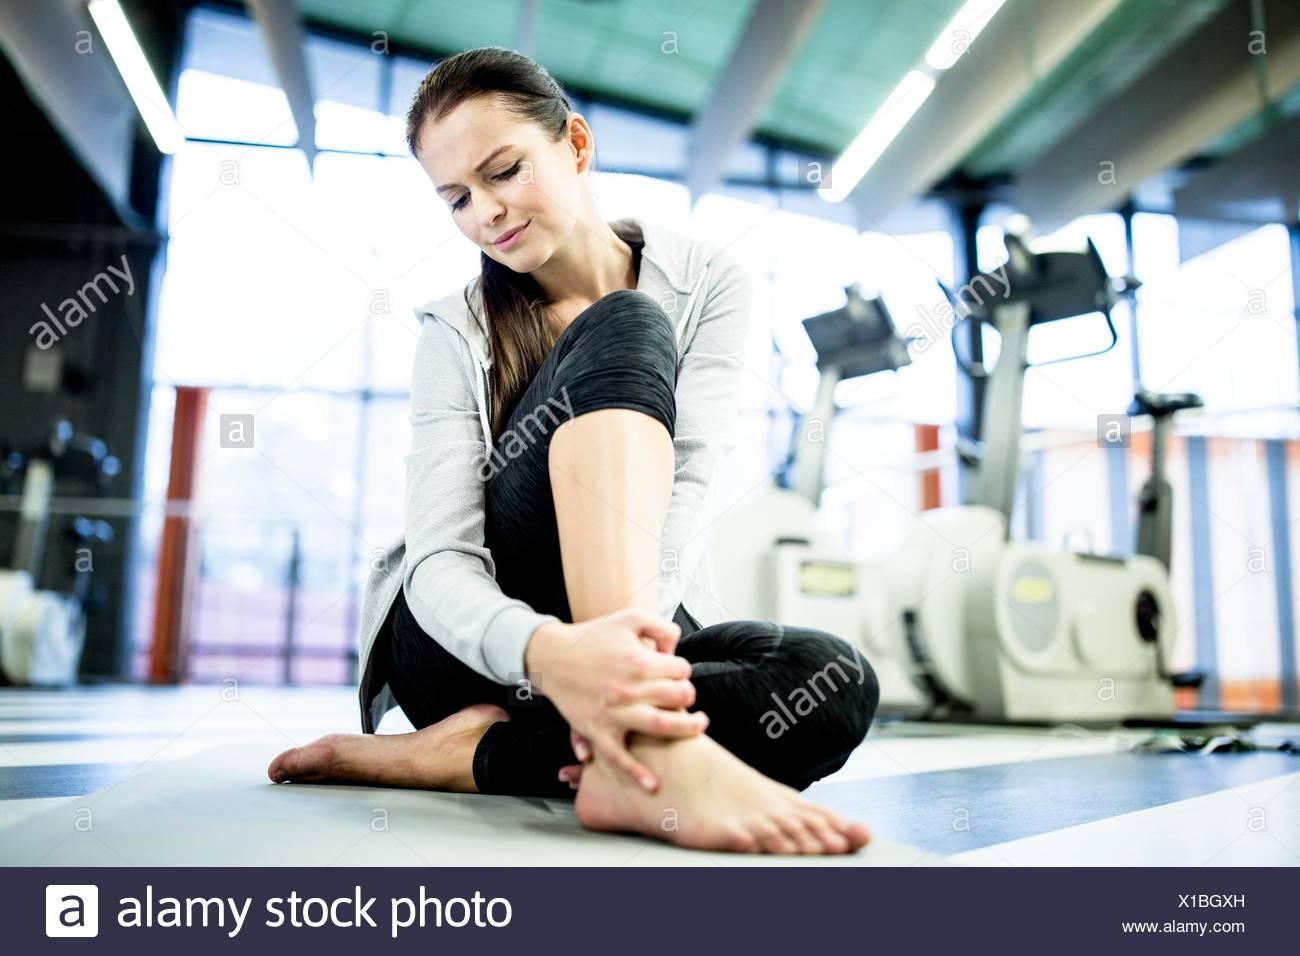 Liberados de la propiedad. Modelo liberado. Mujer joven masajear el tobillo mientras que tener dolor de tobillo en el gimnasio. Imagen De Stock